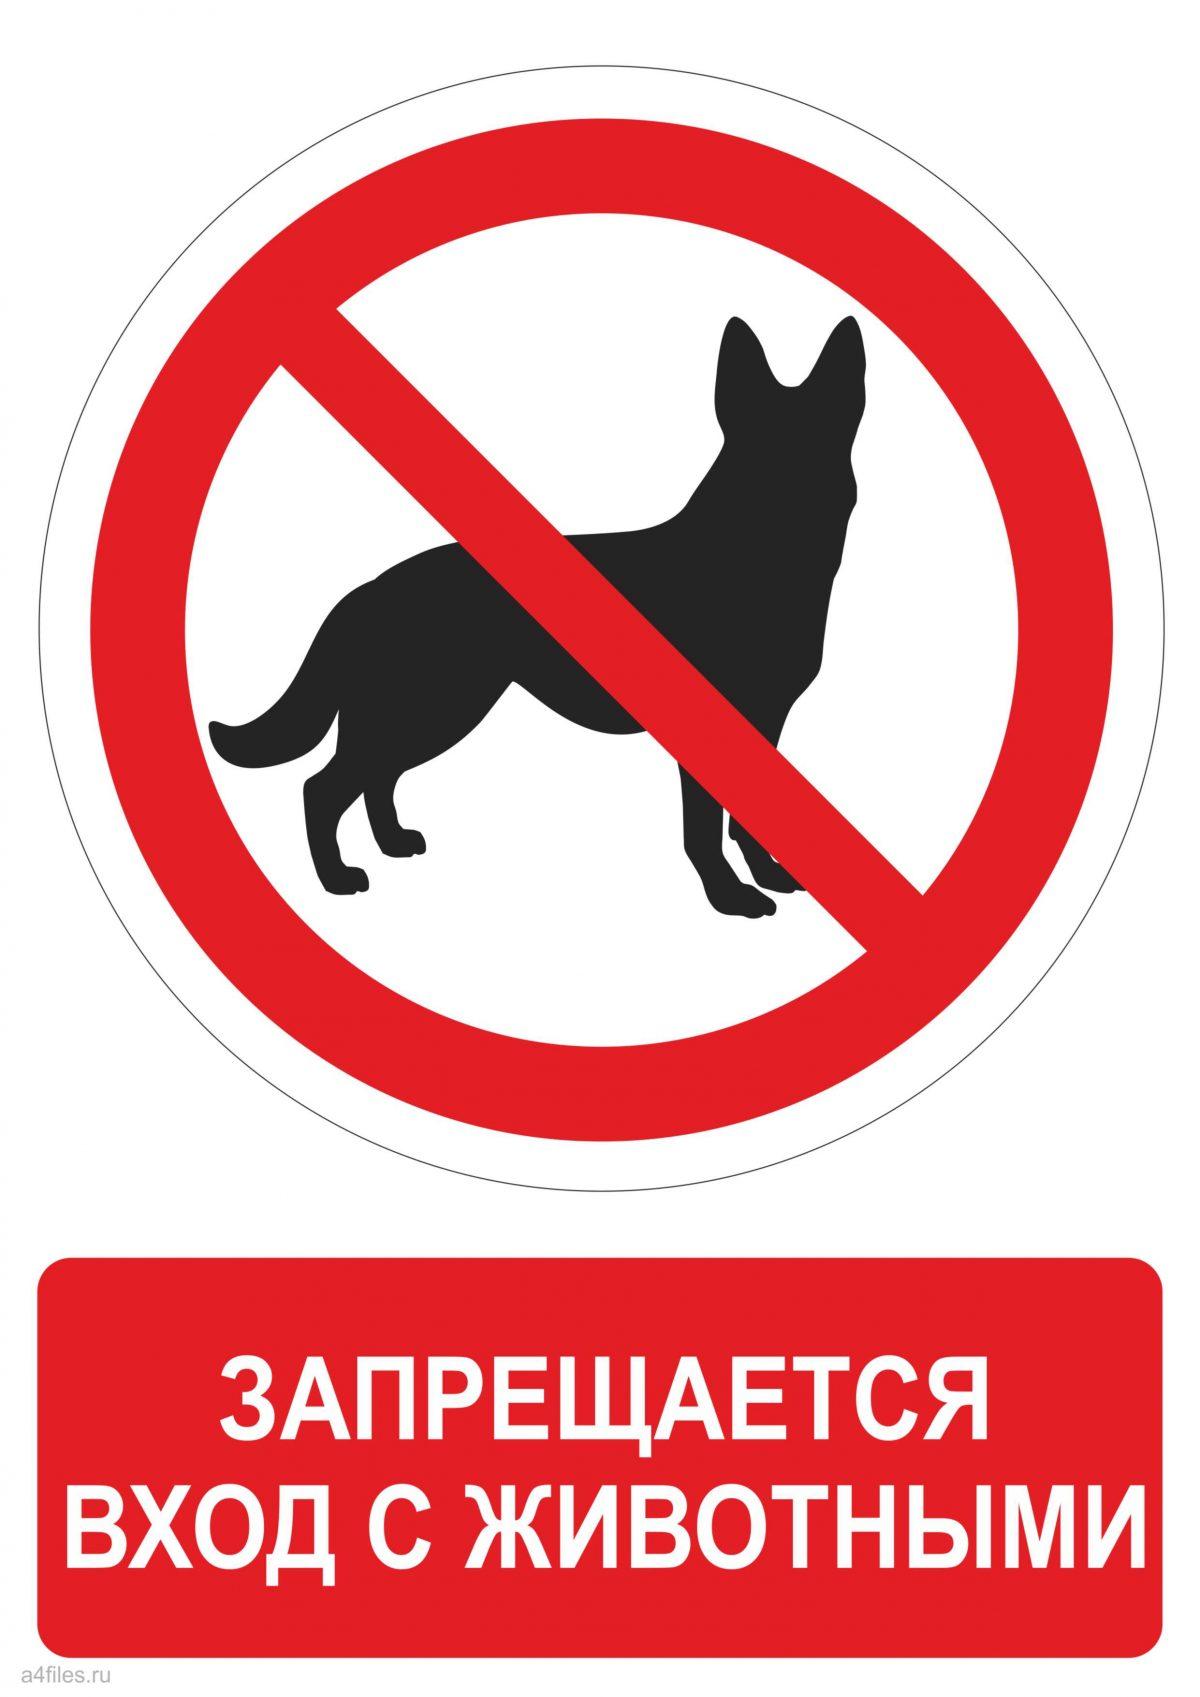 Знак запрещается вход с животными скачать бесплатно